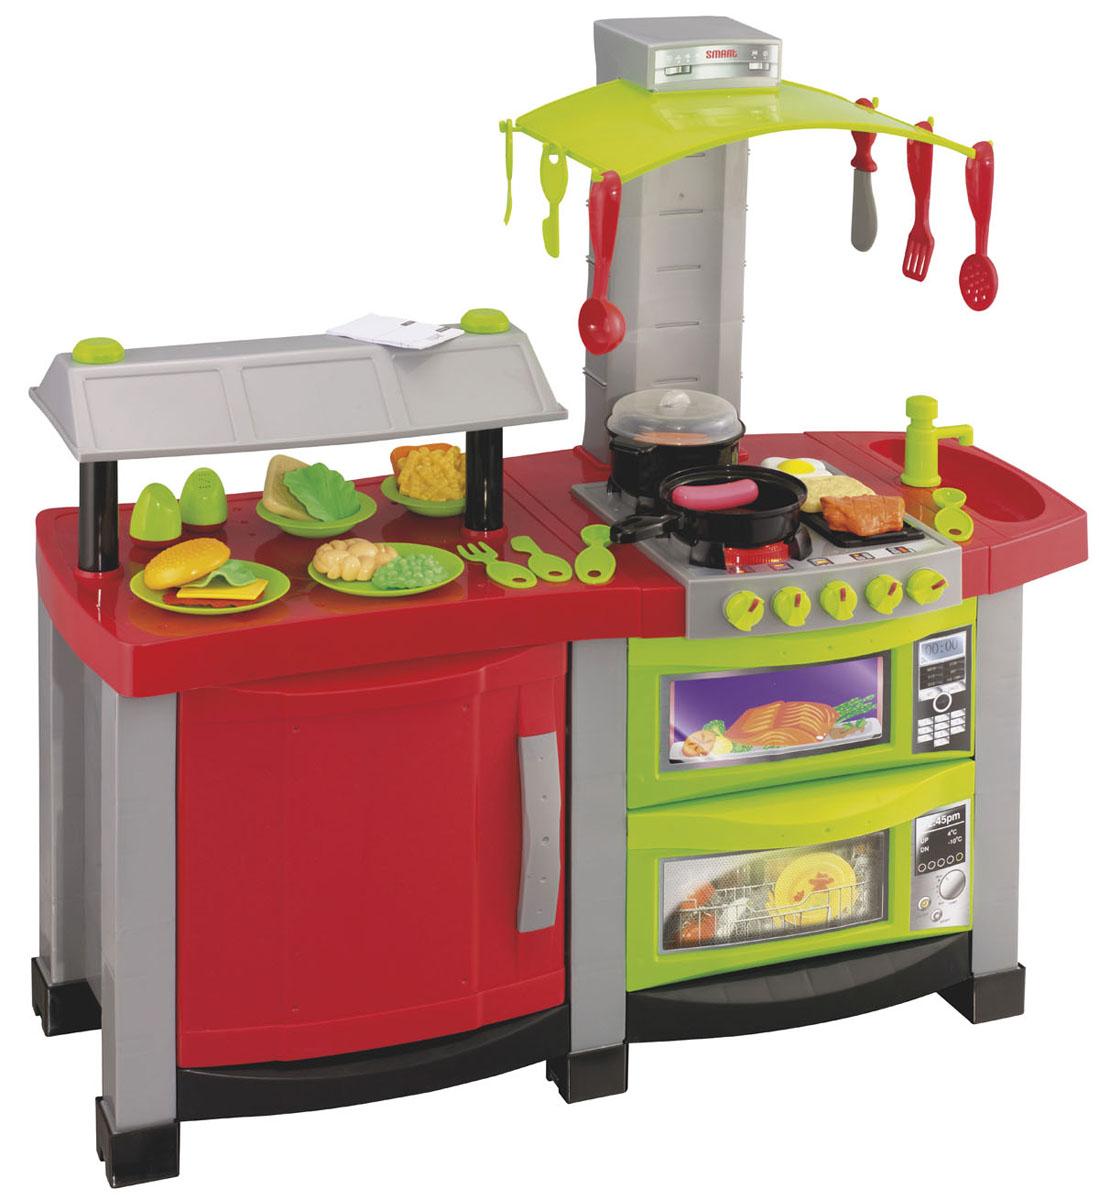 HTI Игровой набор Smart Кухня шеф-повара 39 предметов1680619.00Если ваш ребенок любит помогать маме на кухне, играть с посудой, варить и жарить, но вам приходится ограничивать его в игре с бьющимися предметами кухонной утвари, то эта детская кухня создана специально для юного поваренка. Smart Кухня шеф-повара - многофункциональная кухня ресторанного типа со звуковыми и световыми эффектами. Она состоит из варочной поверхности, духовки и посудомоечной машины, раковины, холодильника и сервировочной стойки. В набор входят аксессуары для игры: меню и бланки заказов, 2 глубоких тарелочки, 2 плоских тарелочки, 2 ложки, 2 вилки, 2 столовых ножа, нож для резки мяса, солонка и перечница, половник, лопатка для переворачивания, шумовка, сковорода, кастрюля с крышкой, продукты: кусок мяса, ростбиф, яичница глазунья, сосиска, 2 тоста для бутербродов, листья салата, бекон (нарезка), сыр, макароны, зеленый горошек, картофель фри, фасоль, булочка. Реалистичные звуки сделают игру еще интереснее. При включении конфорки раздается звук электроподжига...